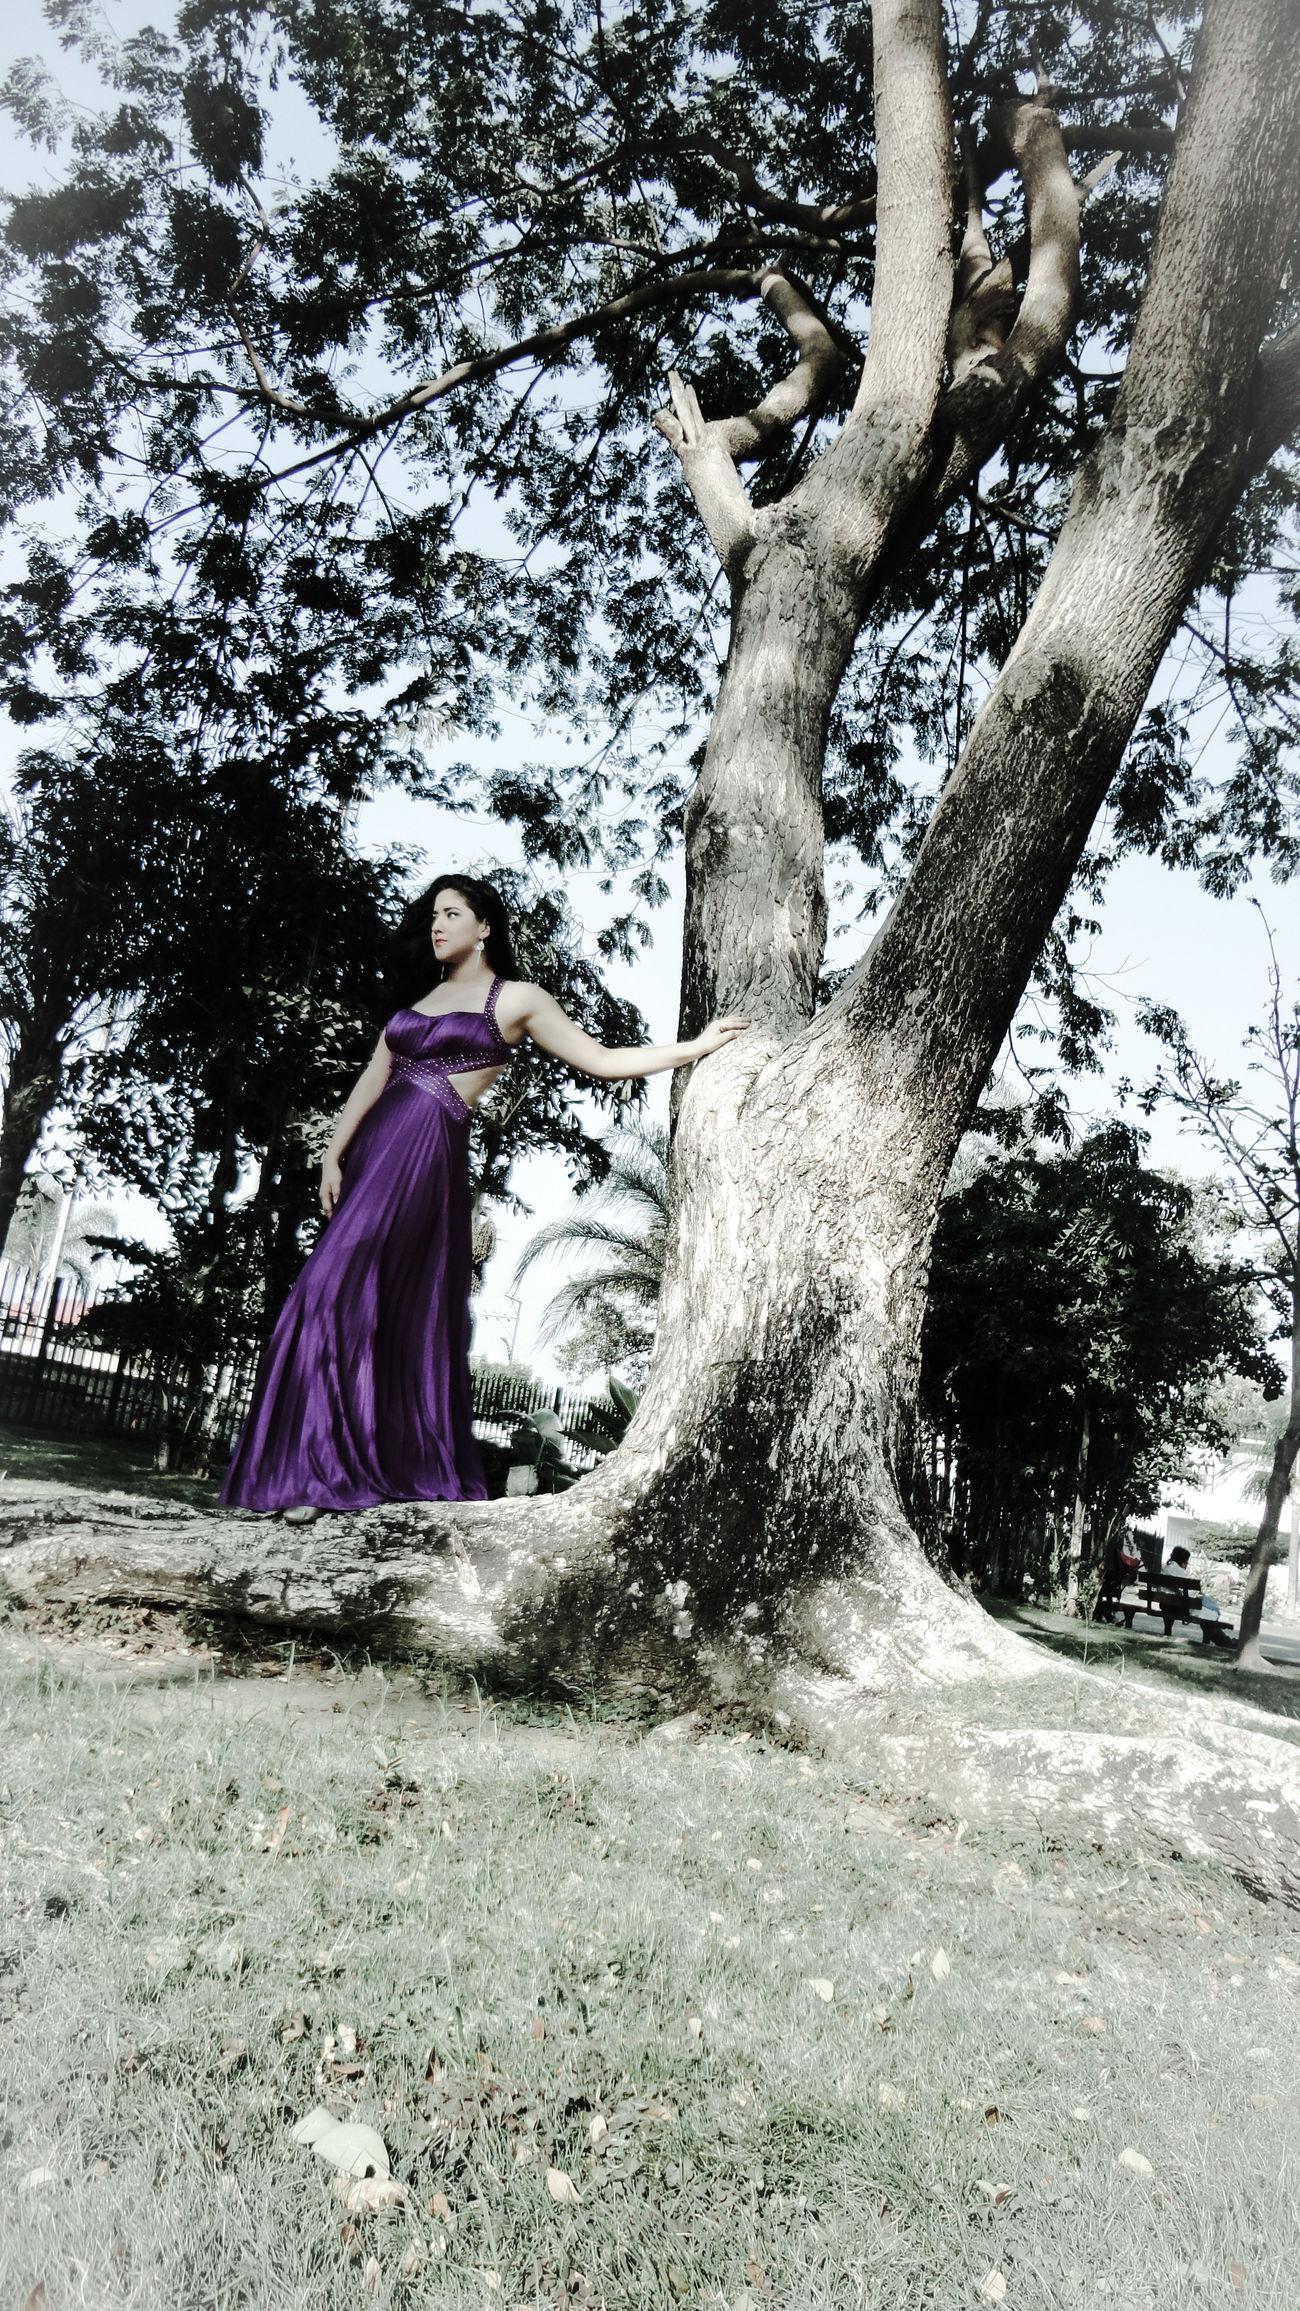 modelo: Eva Ibañez / fotografia: Carlos Andrés Segarra Crespo / Guayaquil - Ecuador